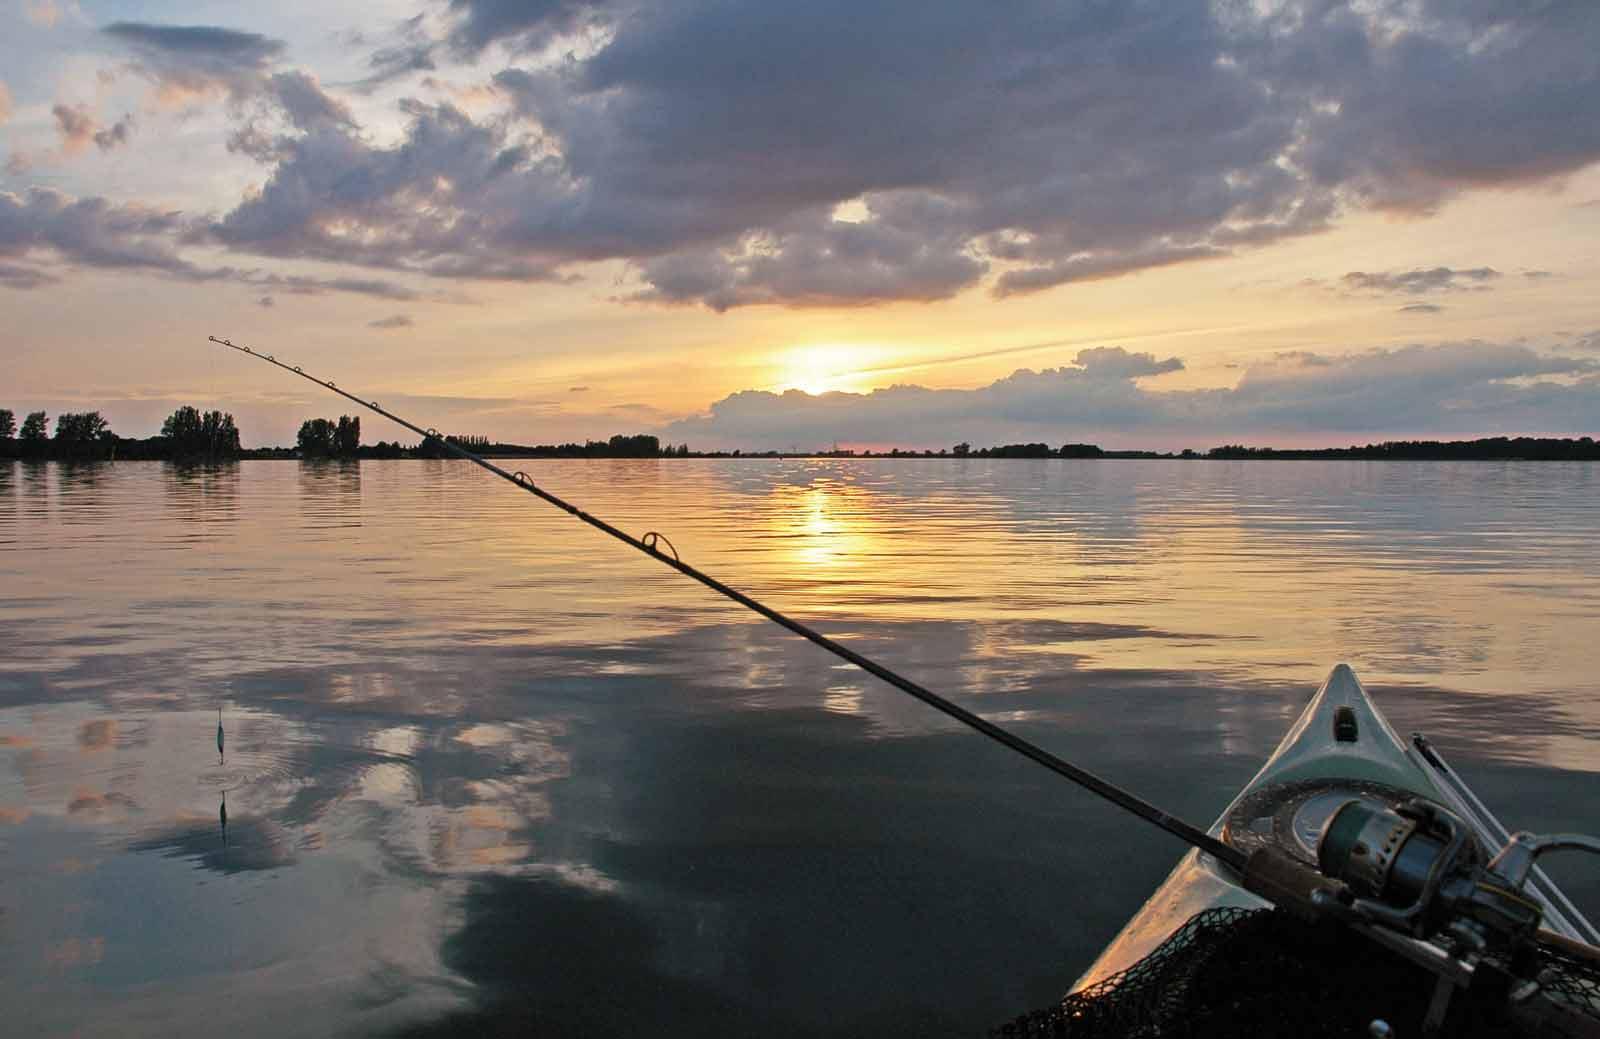 Havørredfiskeriet i Odense Fjord kan blive meget bedre